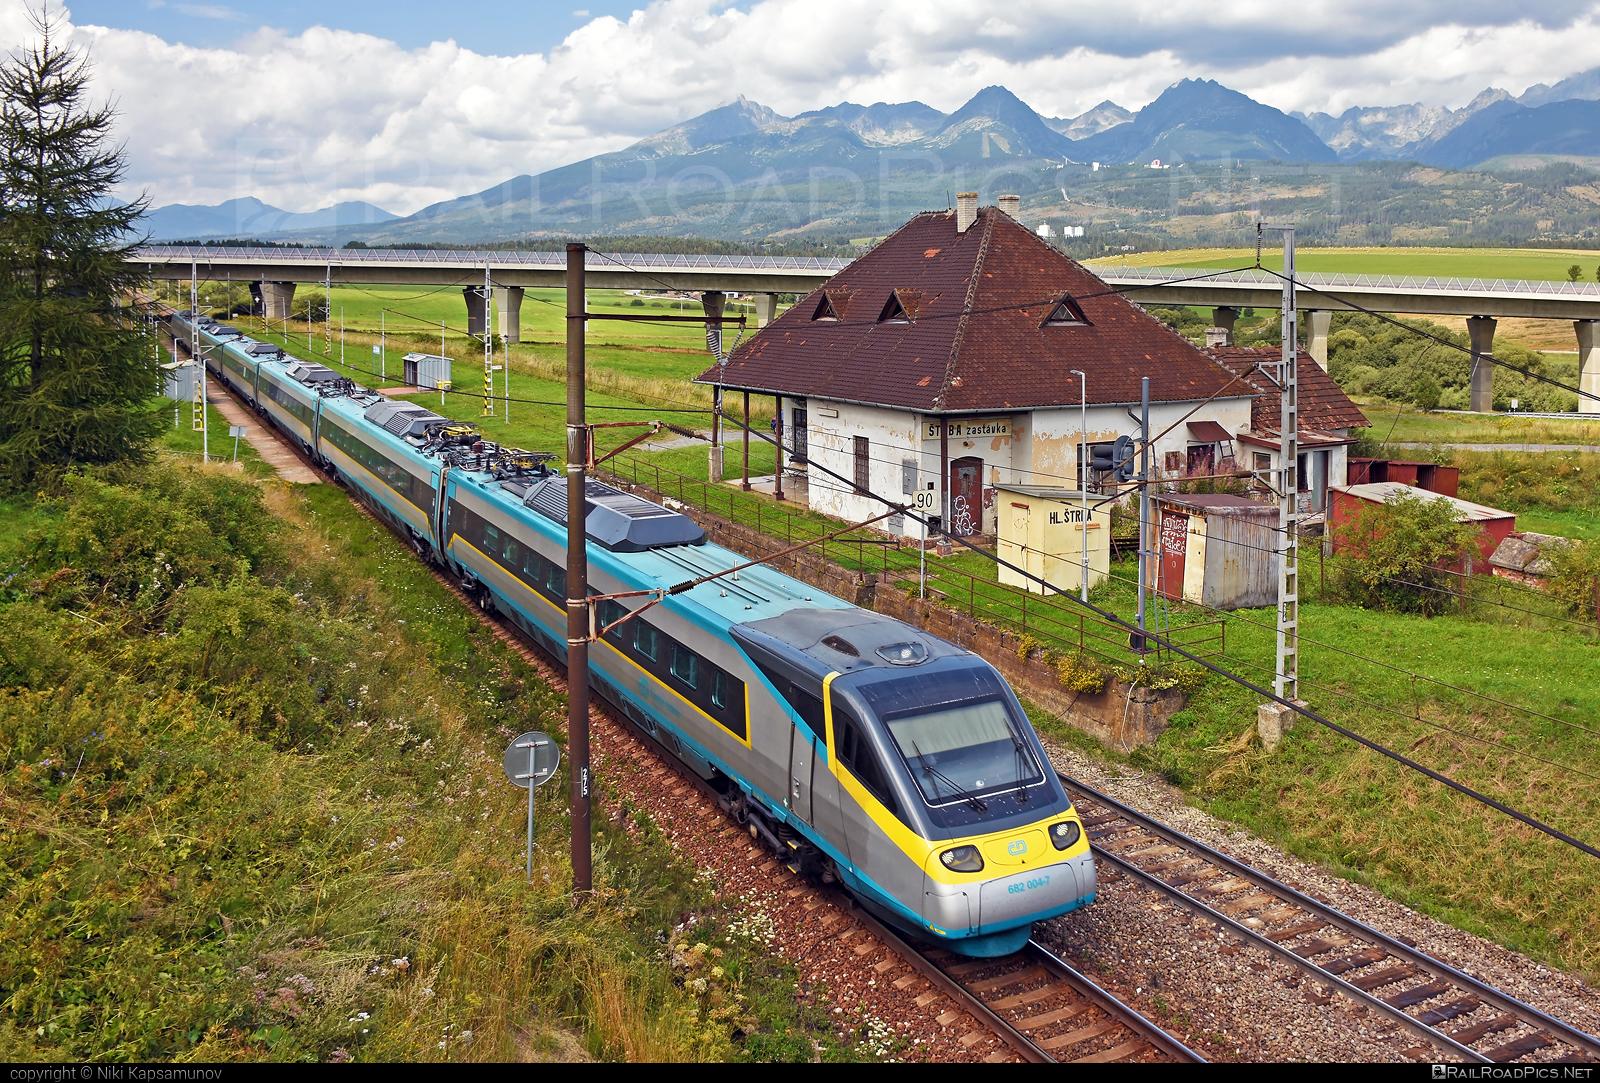 Alstom ČD Class 680 Pendolino - 682 004-7 operated by České dráhy, a.s. #CDclass680 #alstom #cd #ceskedrahy #pendolino